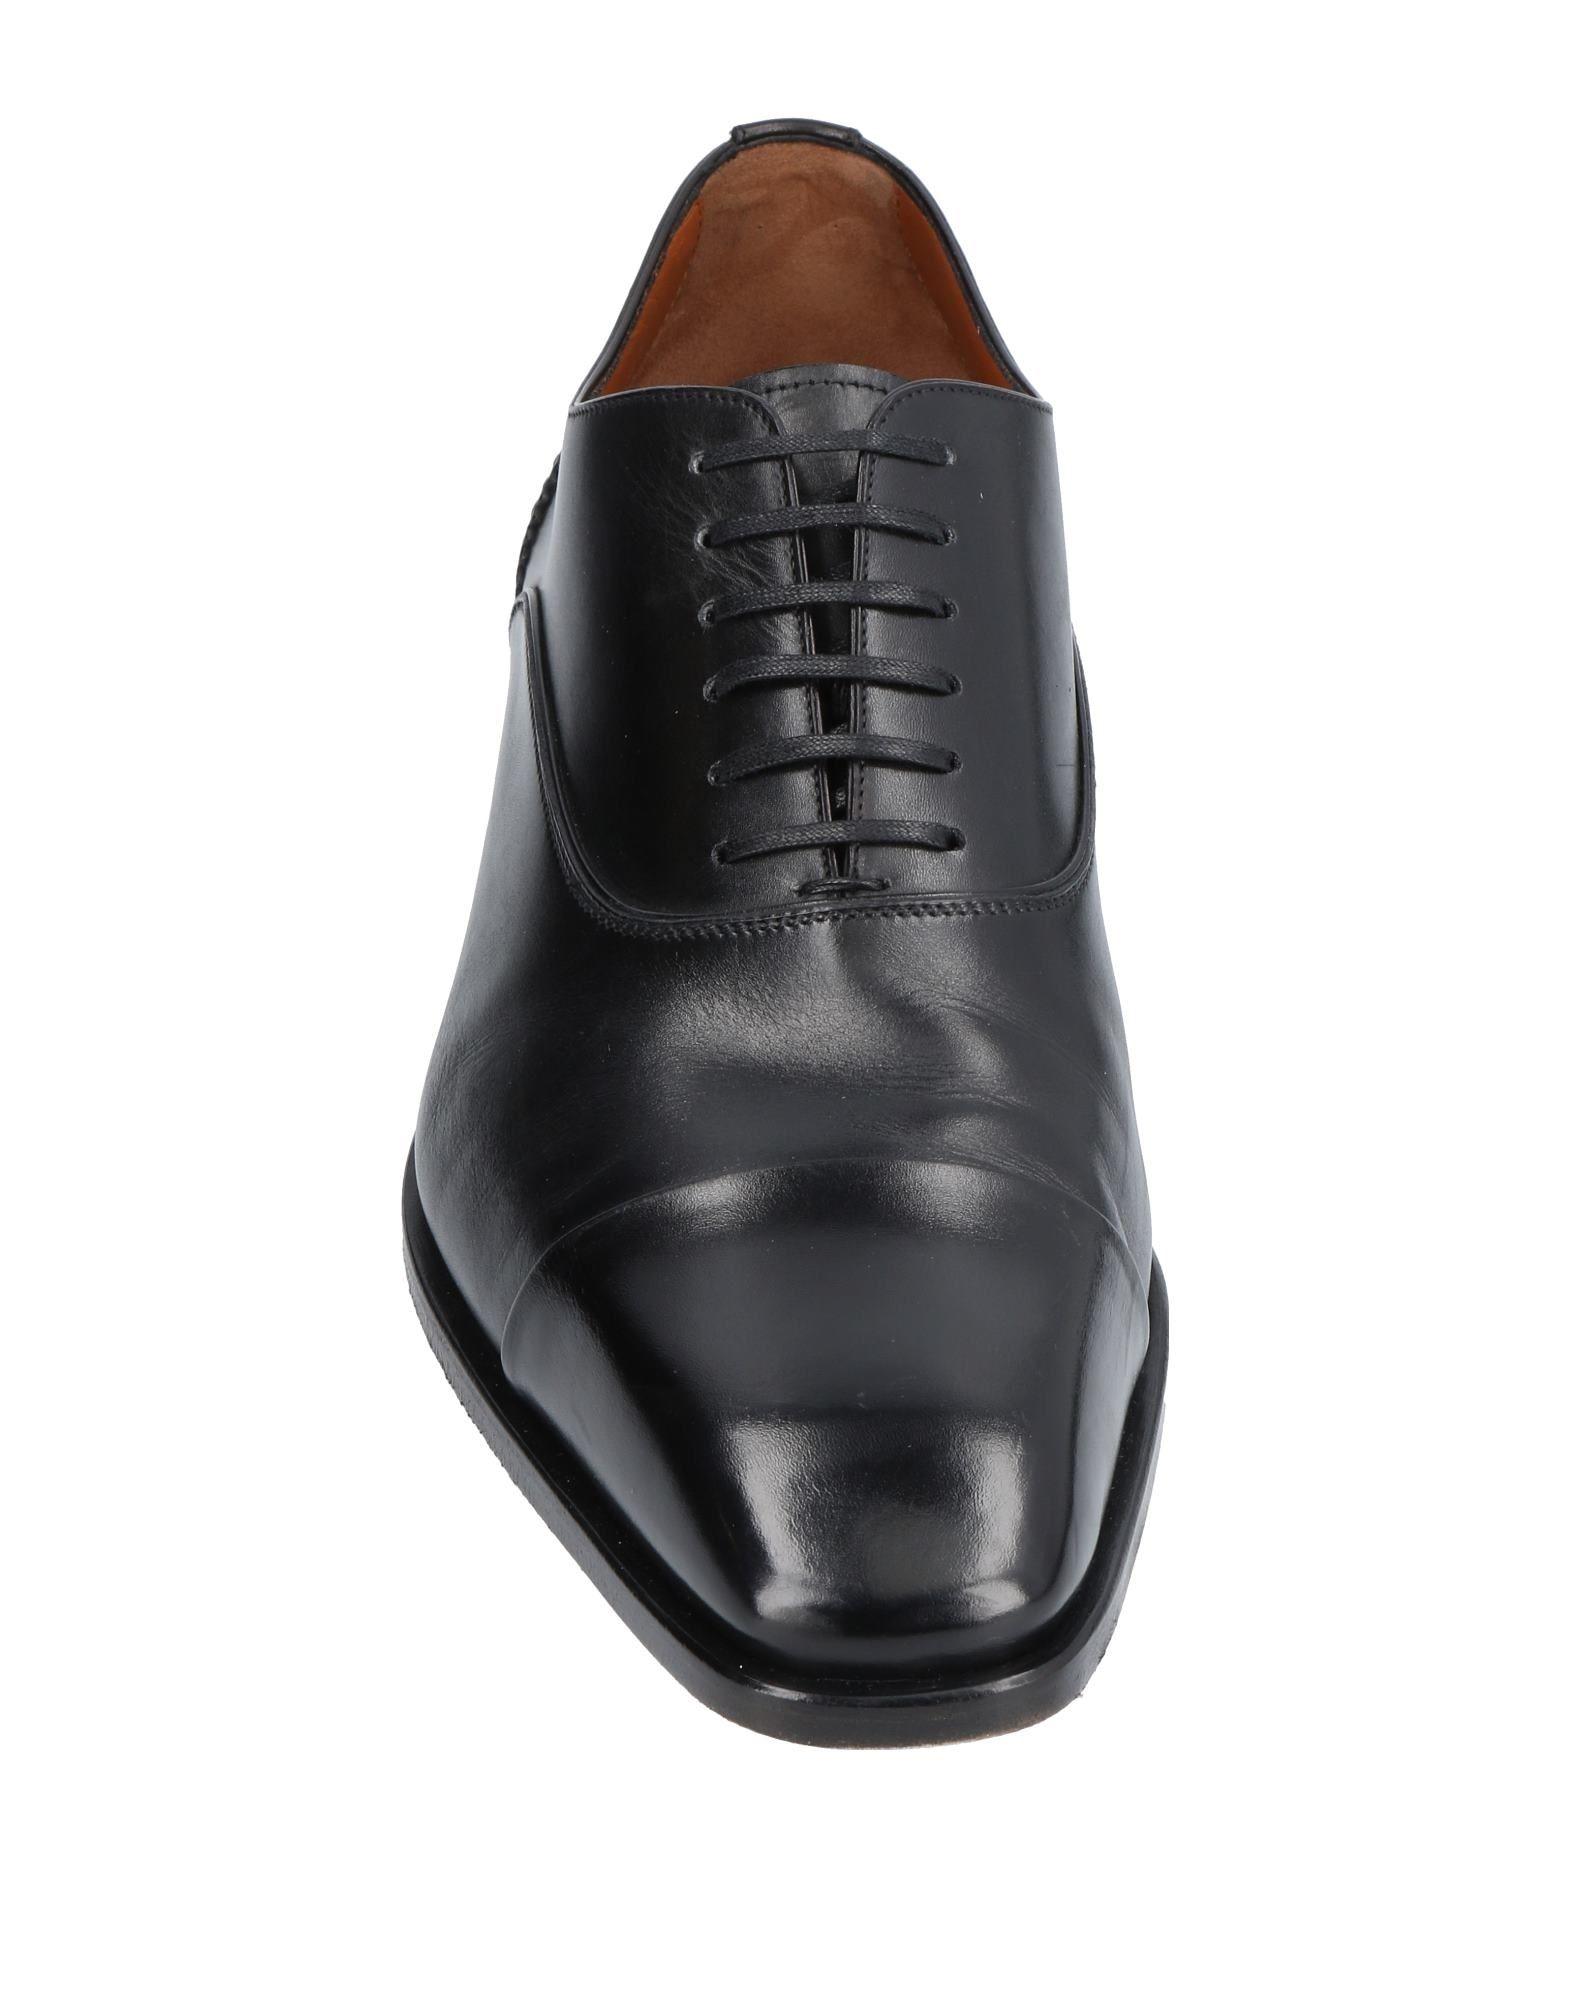 Ermenegildo Zegna Schnürschuhe Herren  11449585HV Neue Schuhe